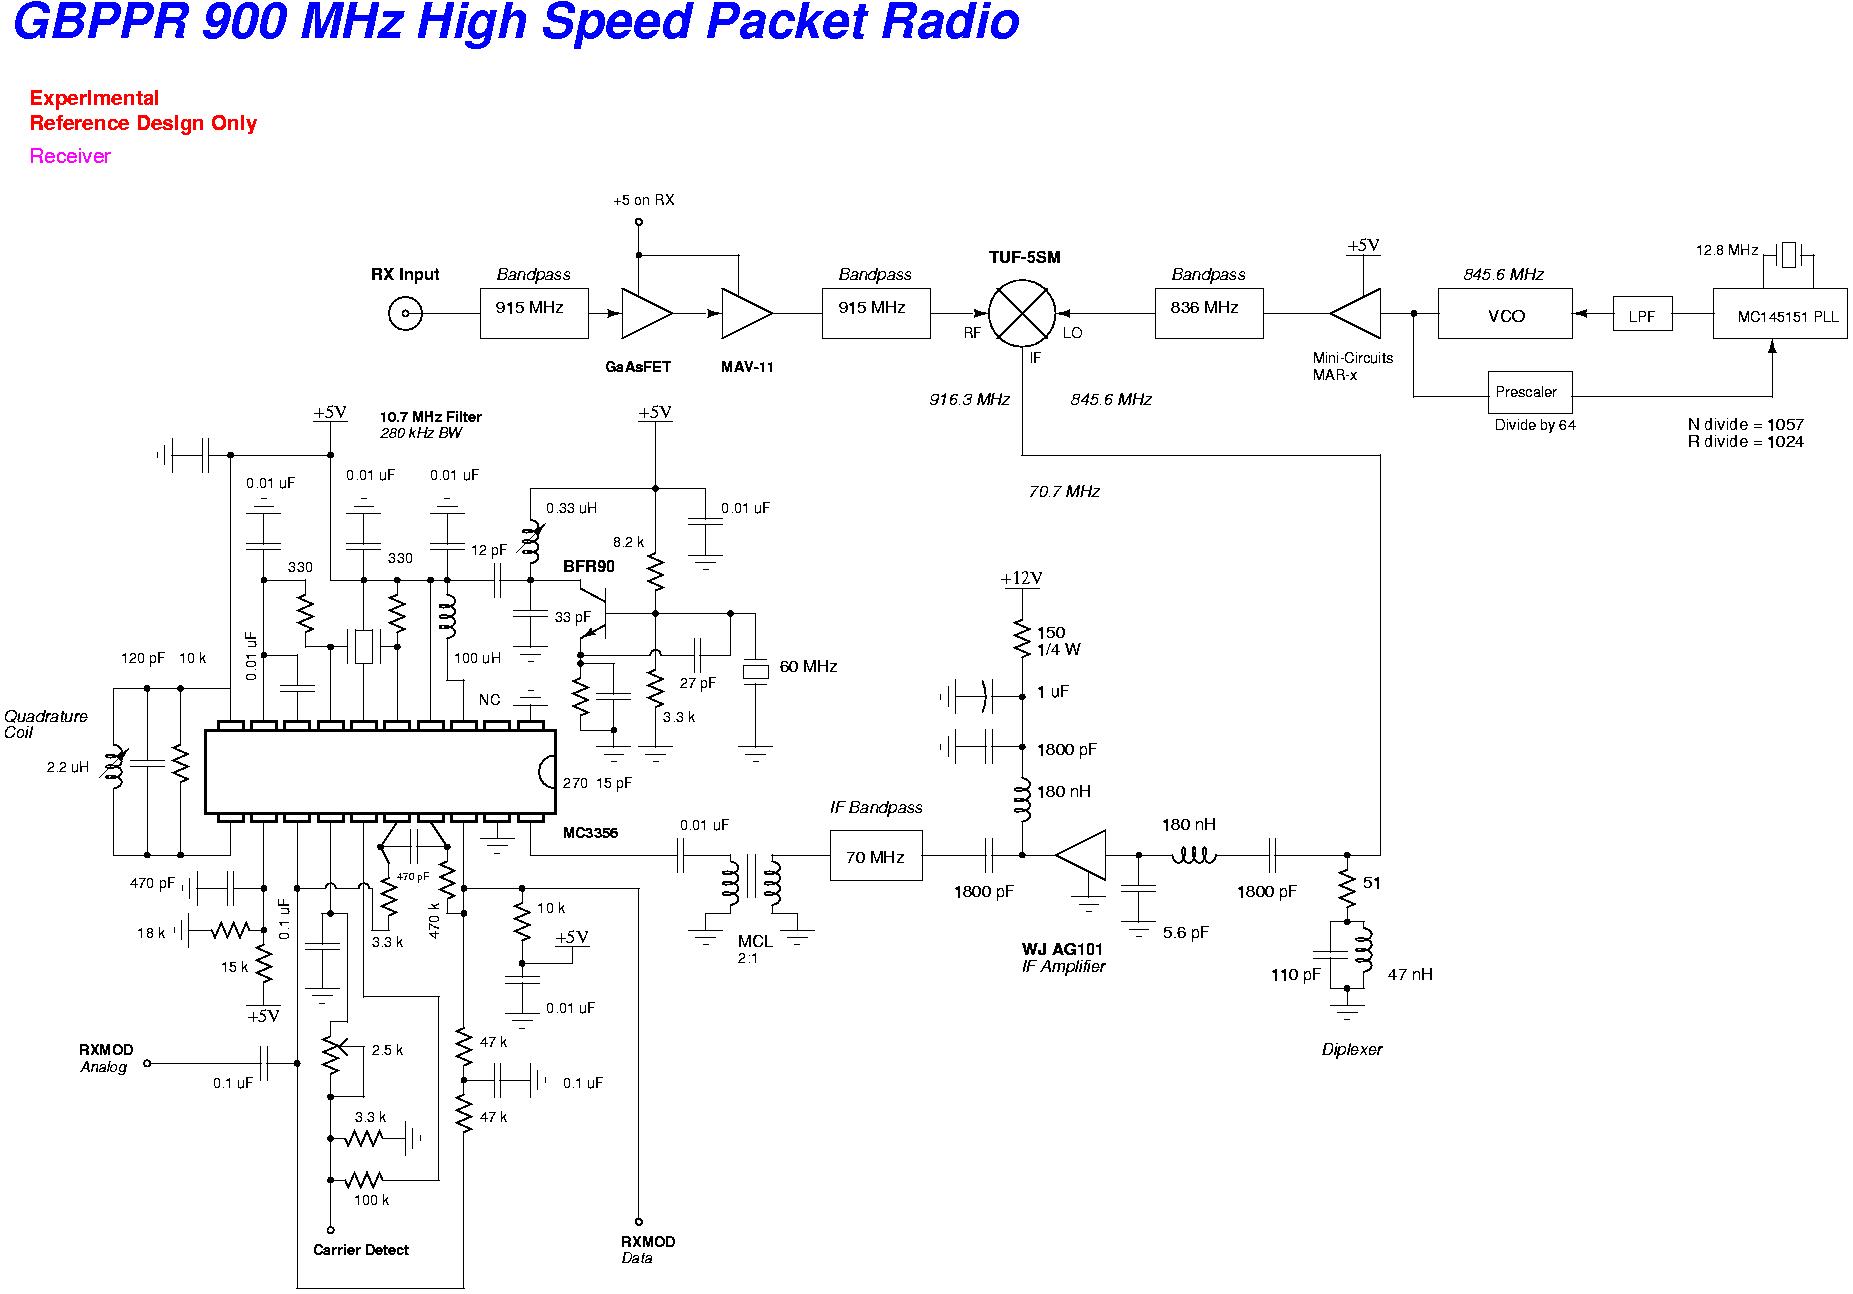 gbppr 900 mhz high speed packet radio delco radio schematics